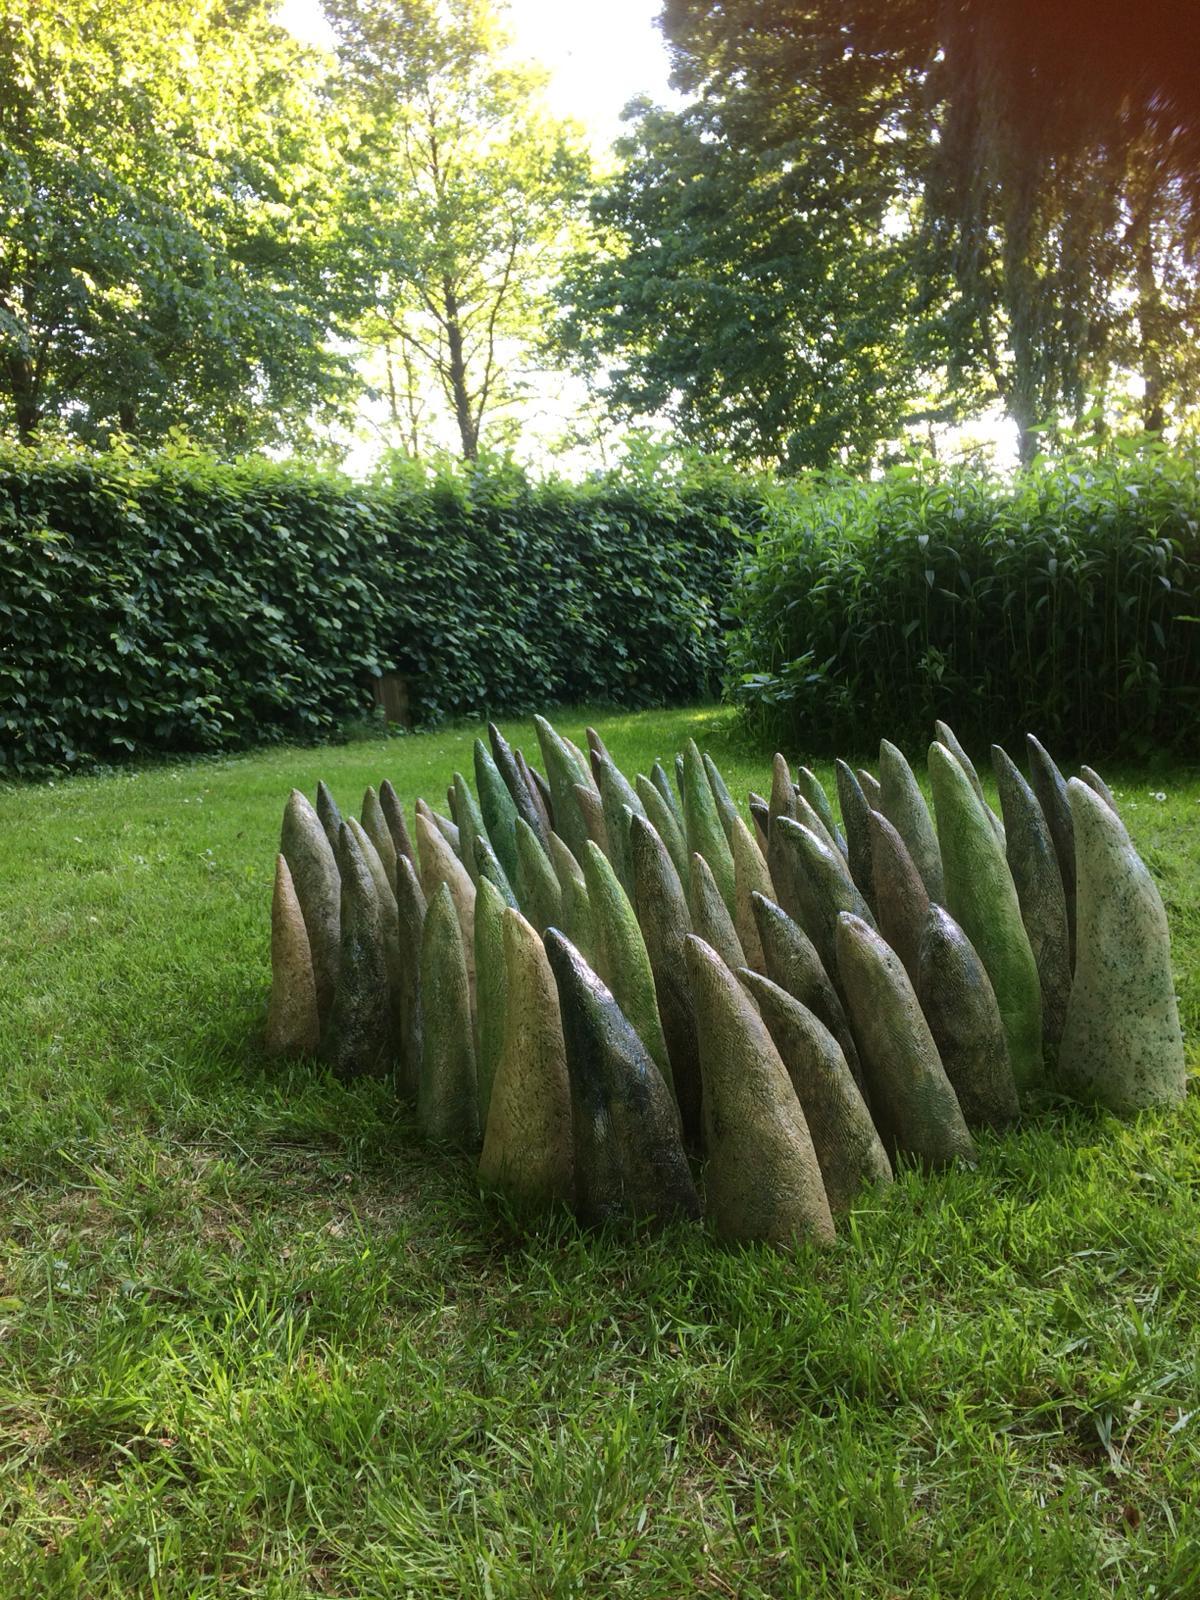 Een bunderkunst natuurkunst Zeeland Ollo Feenstra